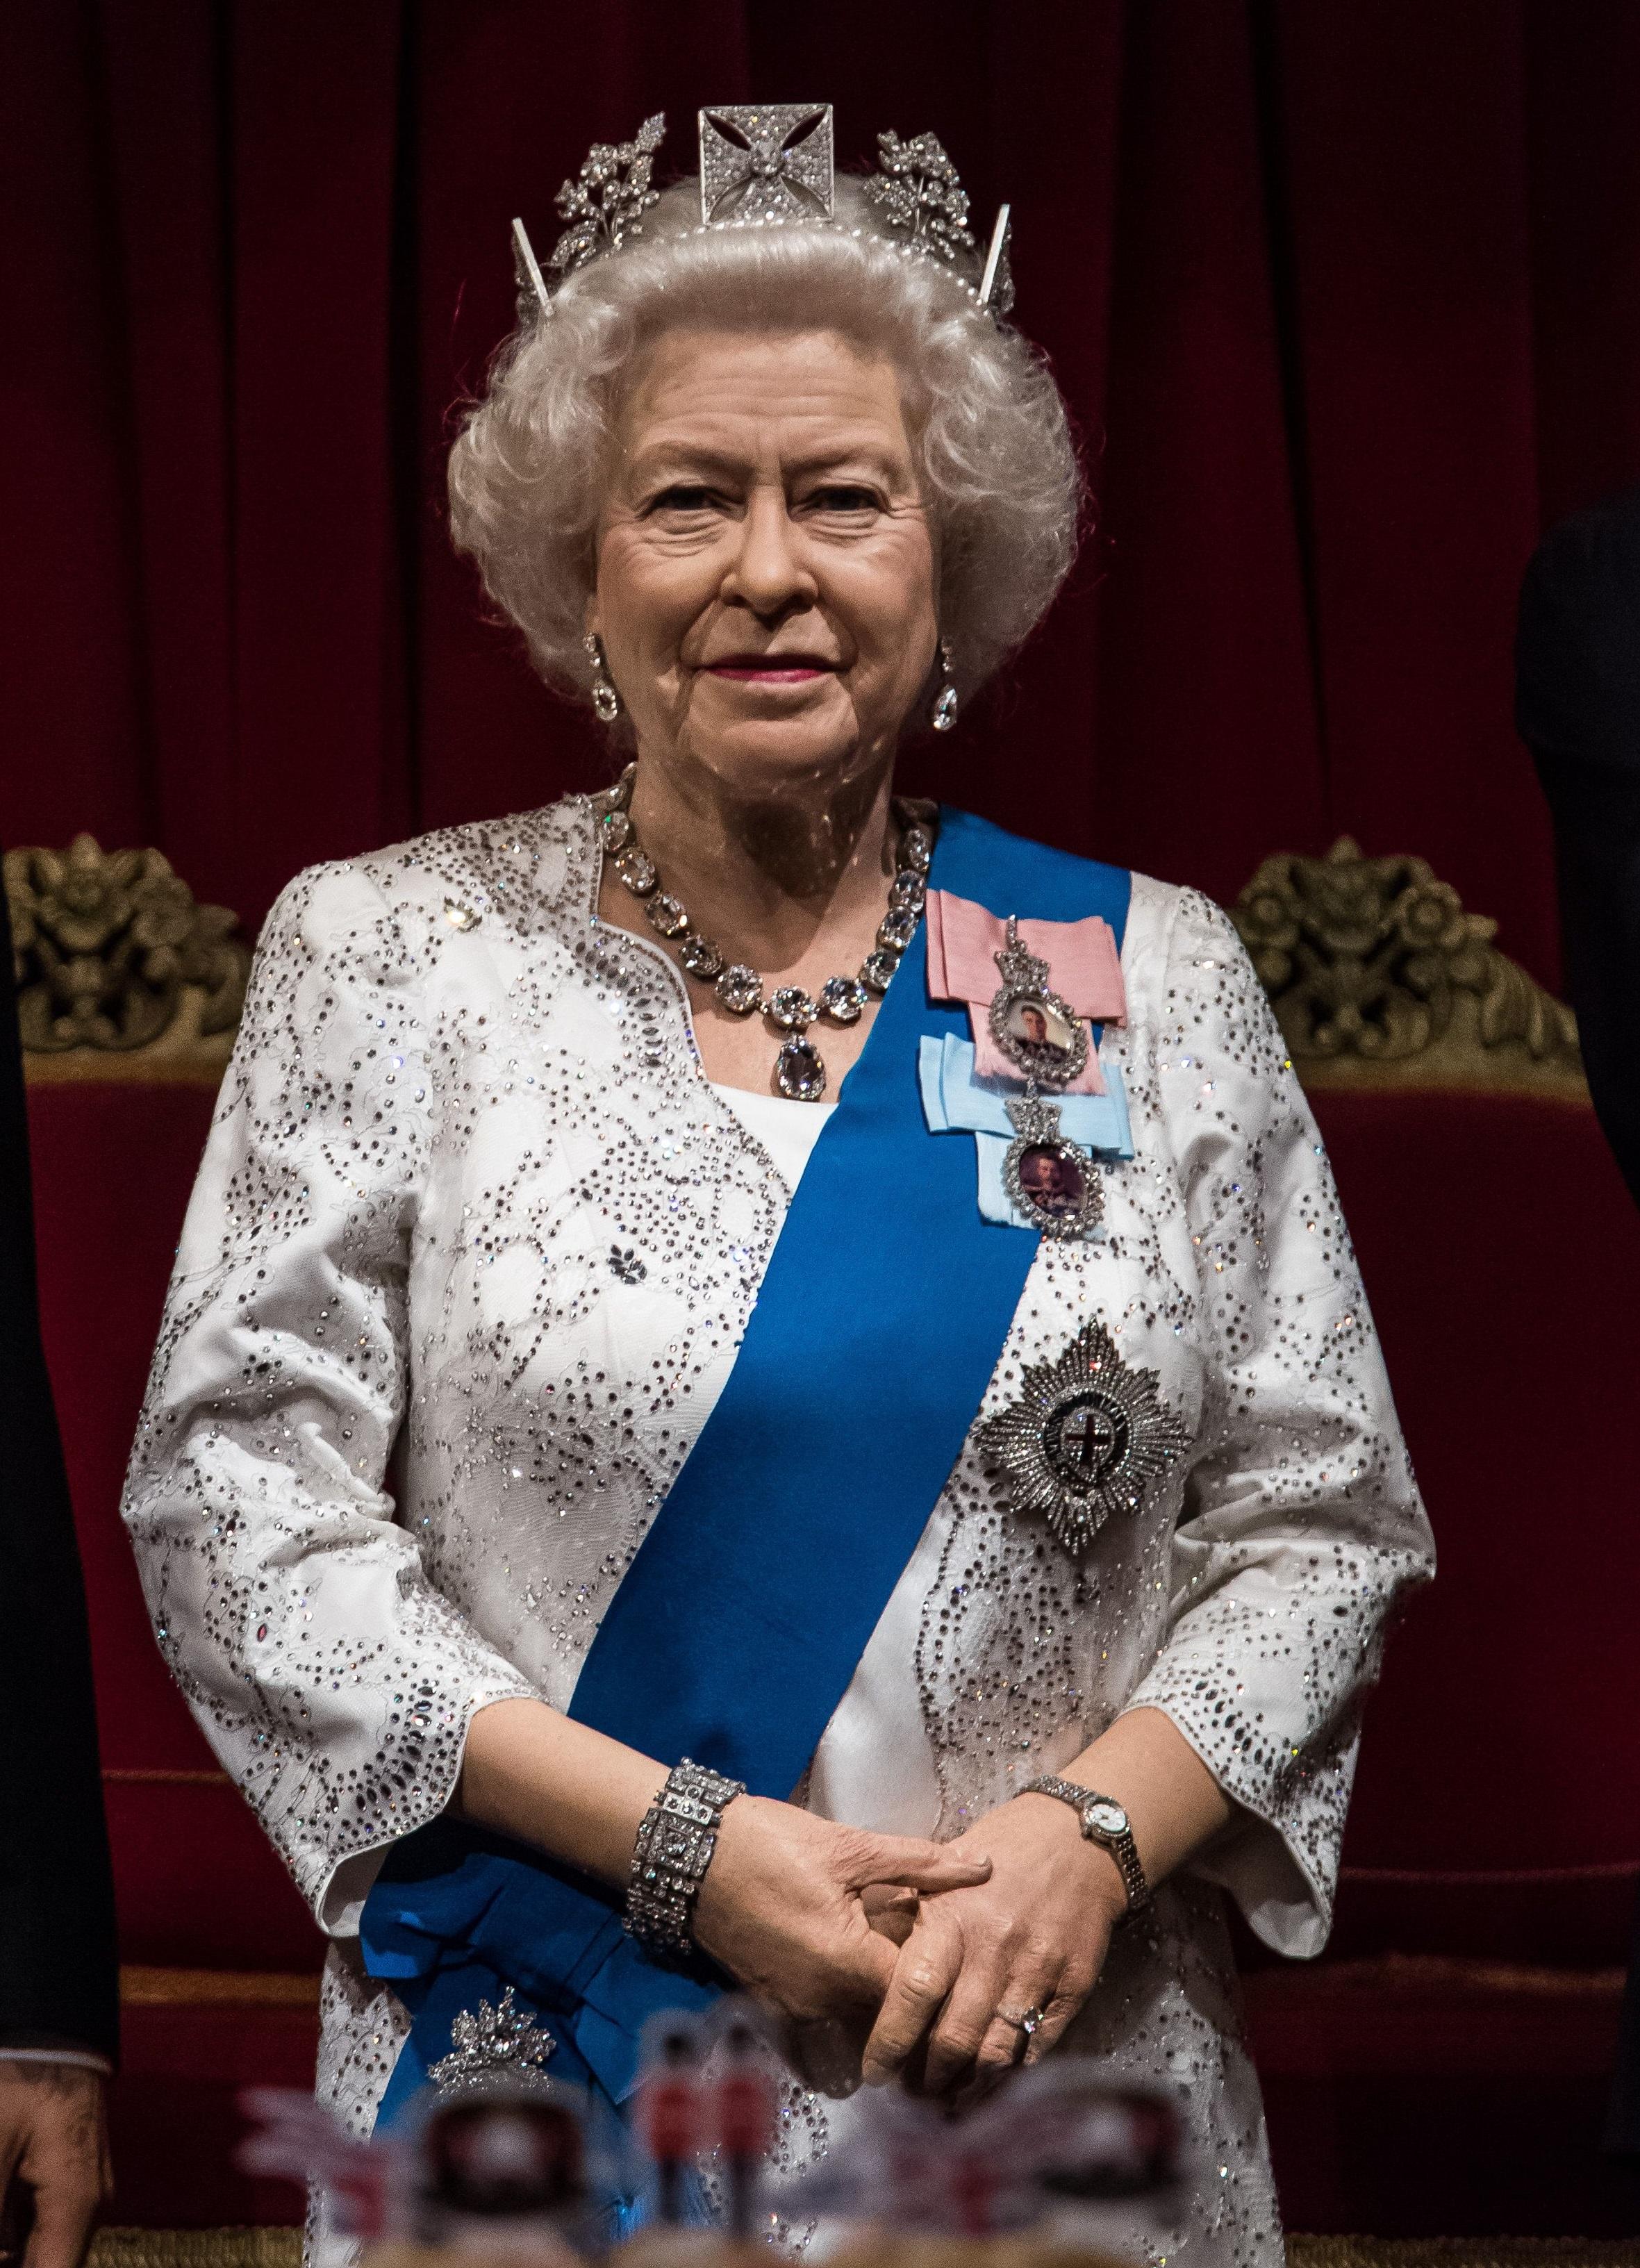 Uncanny: the Queen's Madame Tussauds waxwork